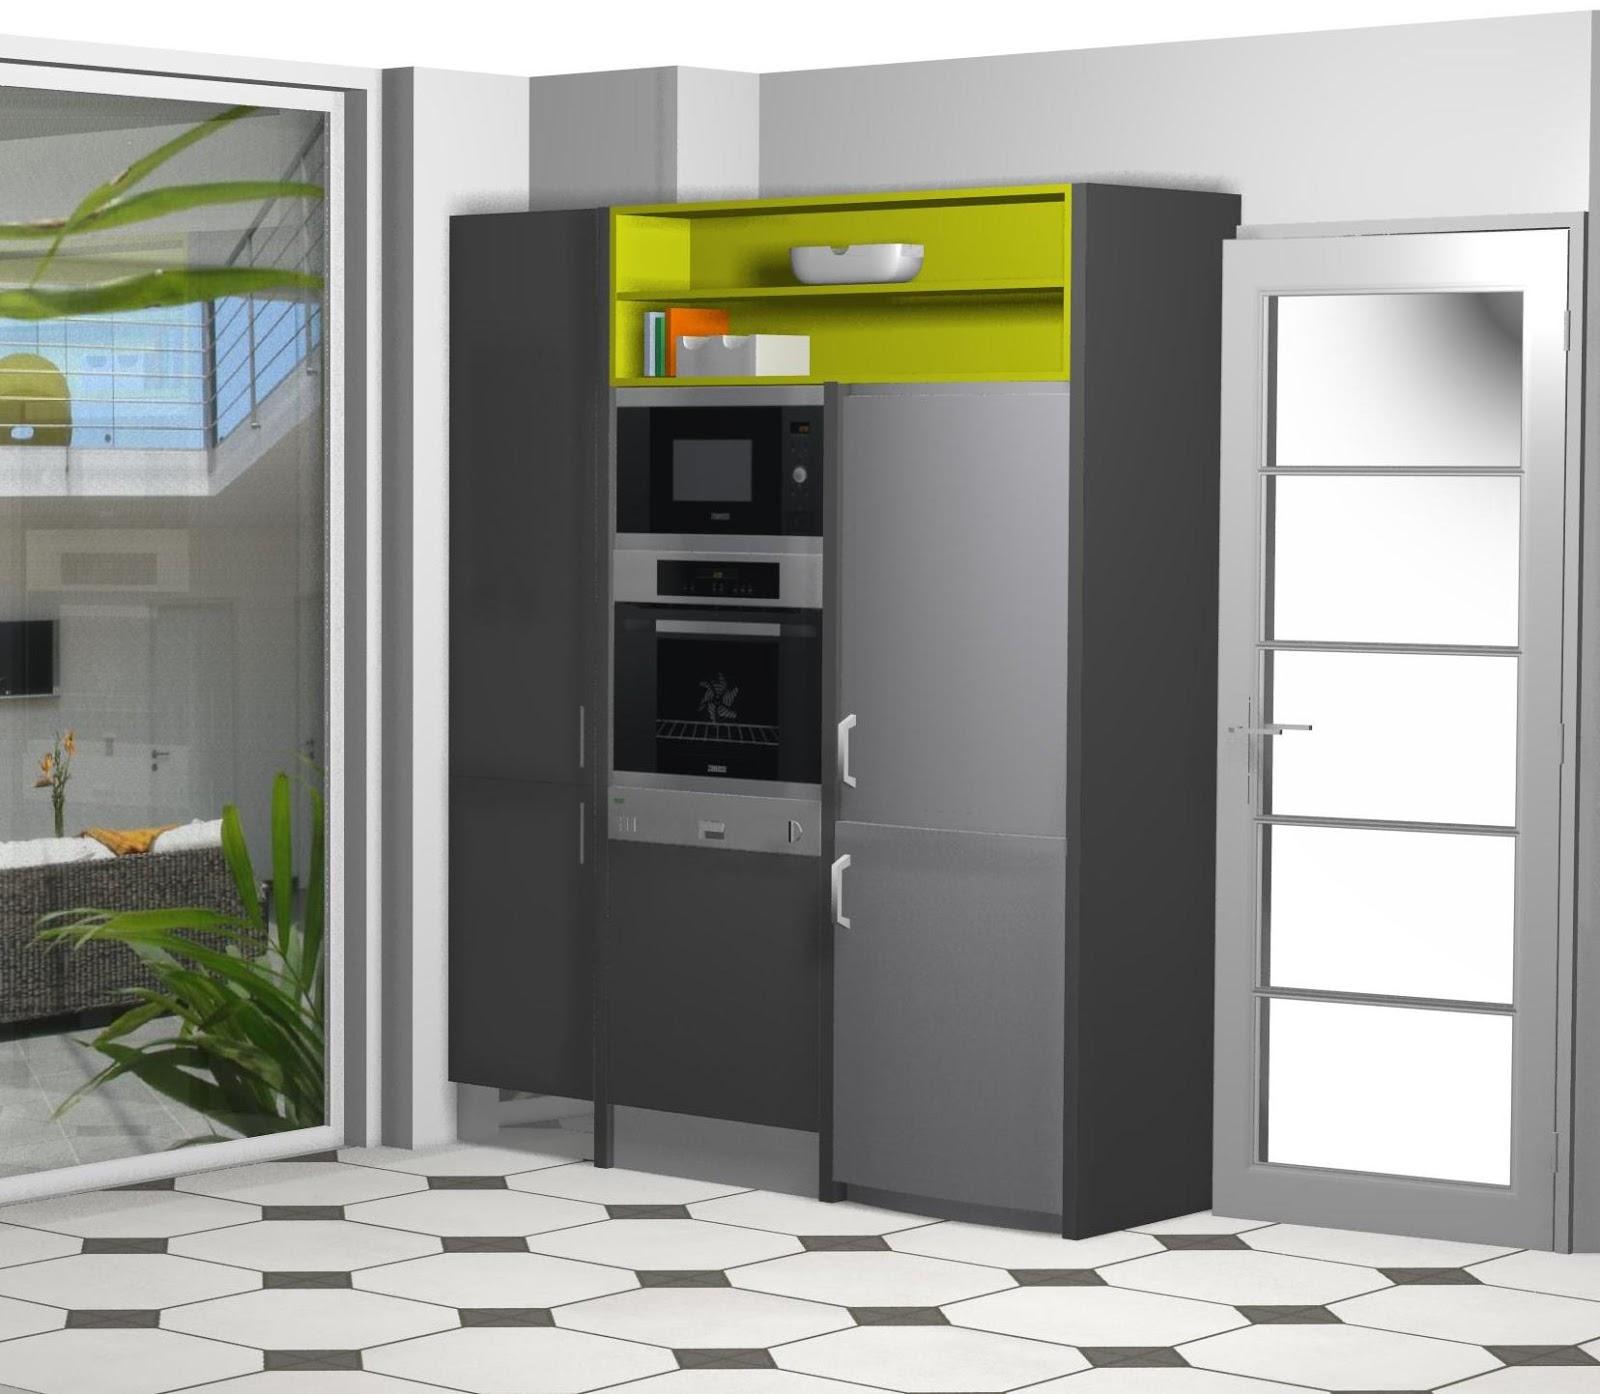 Dise o muebles de cocina dise o de cocina en paralelo for Diseno cocinas paralelo